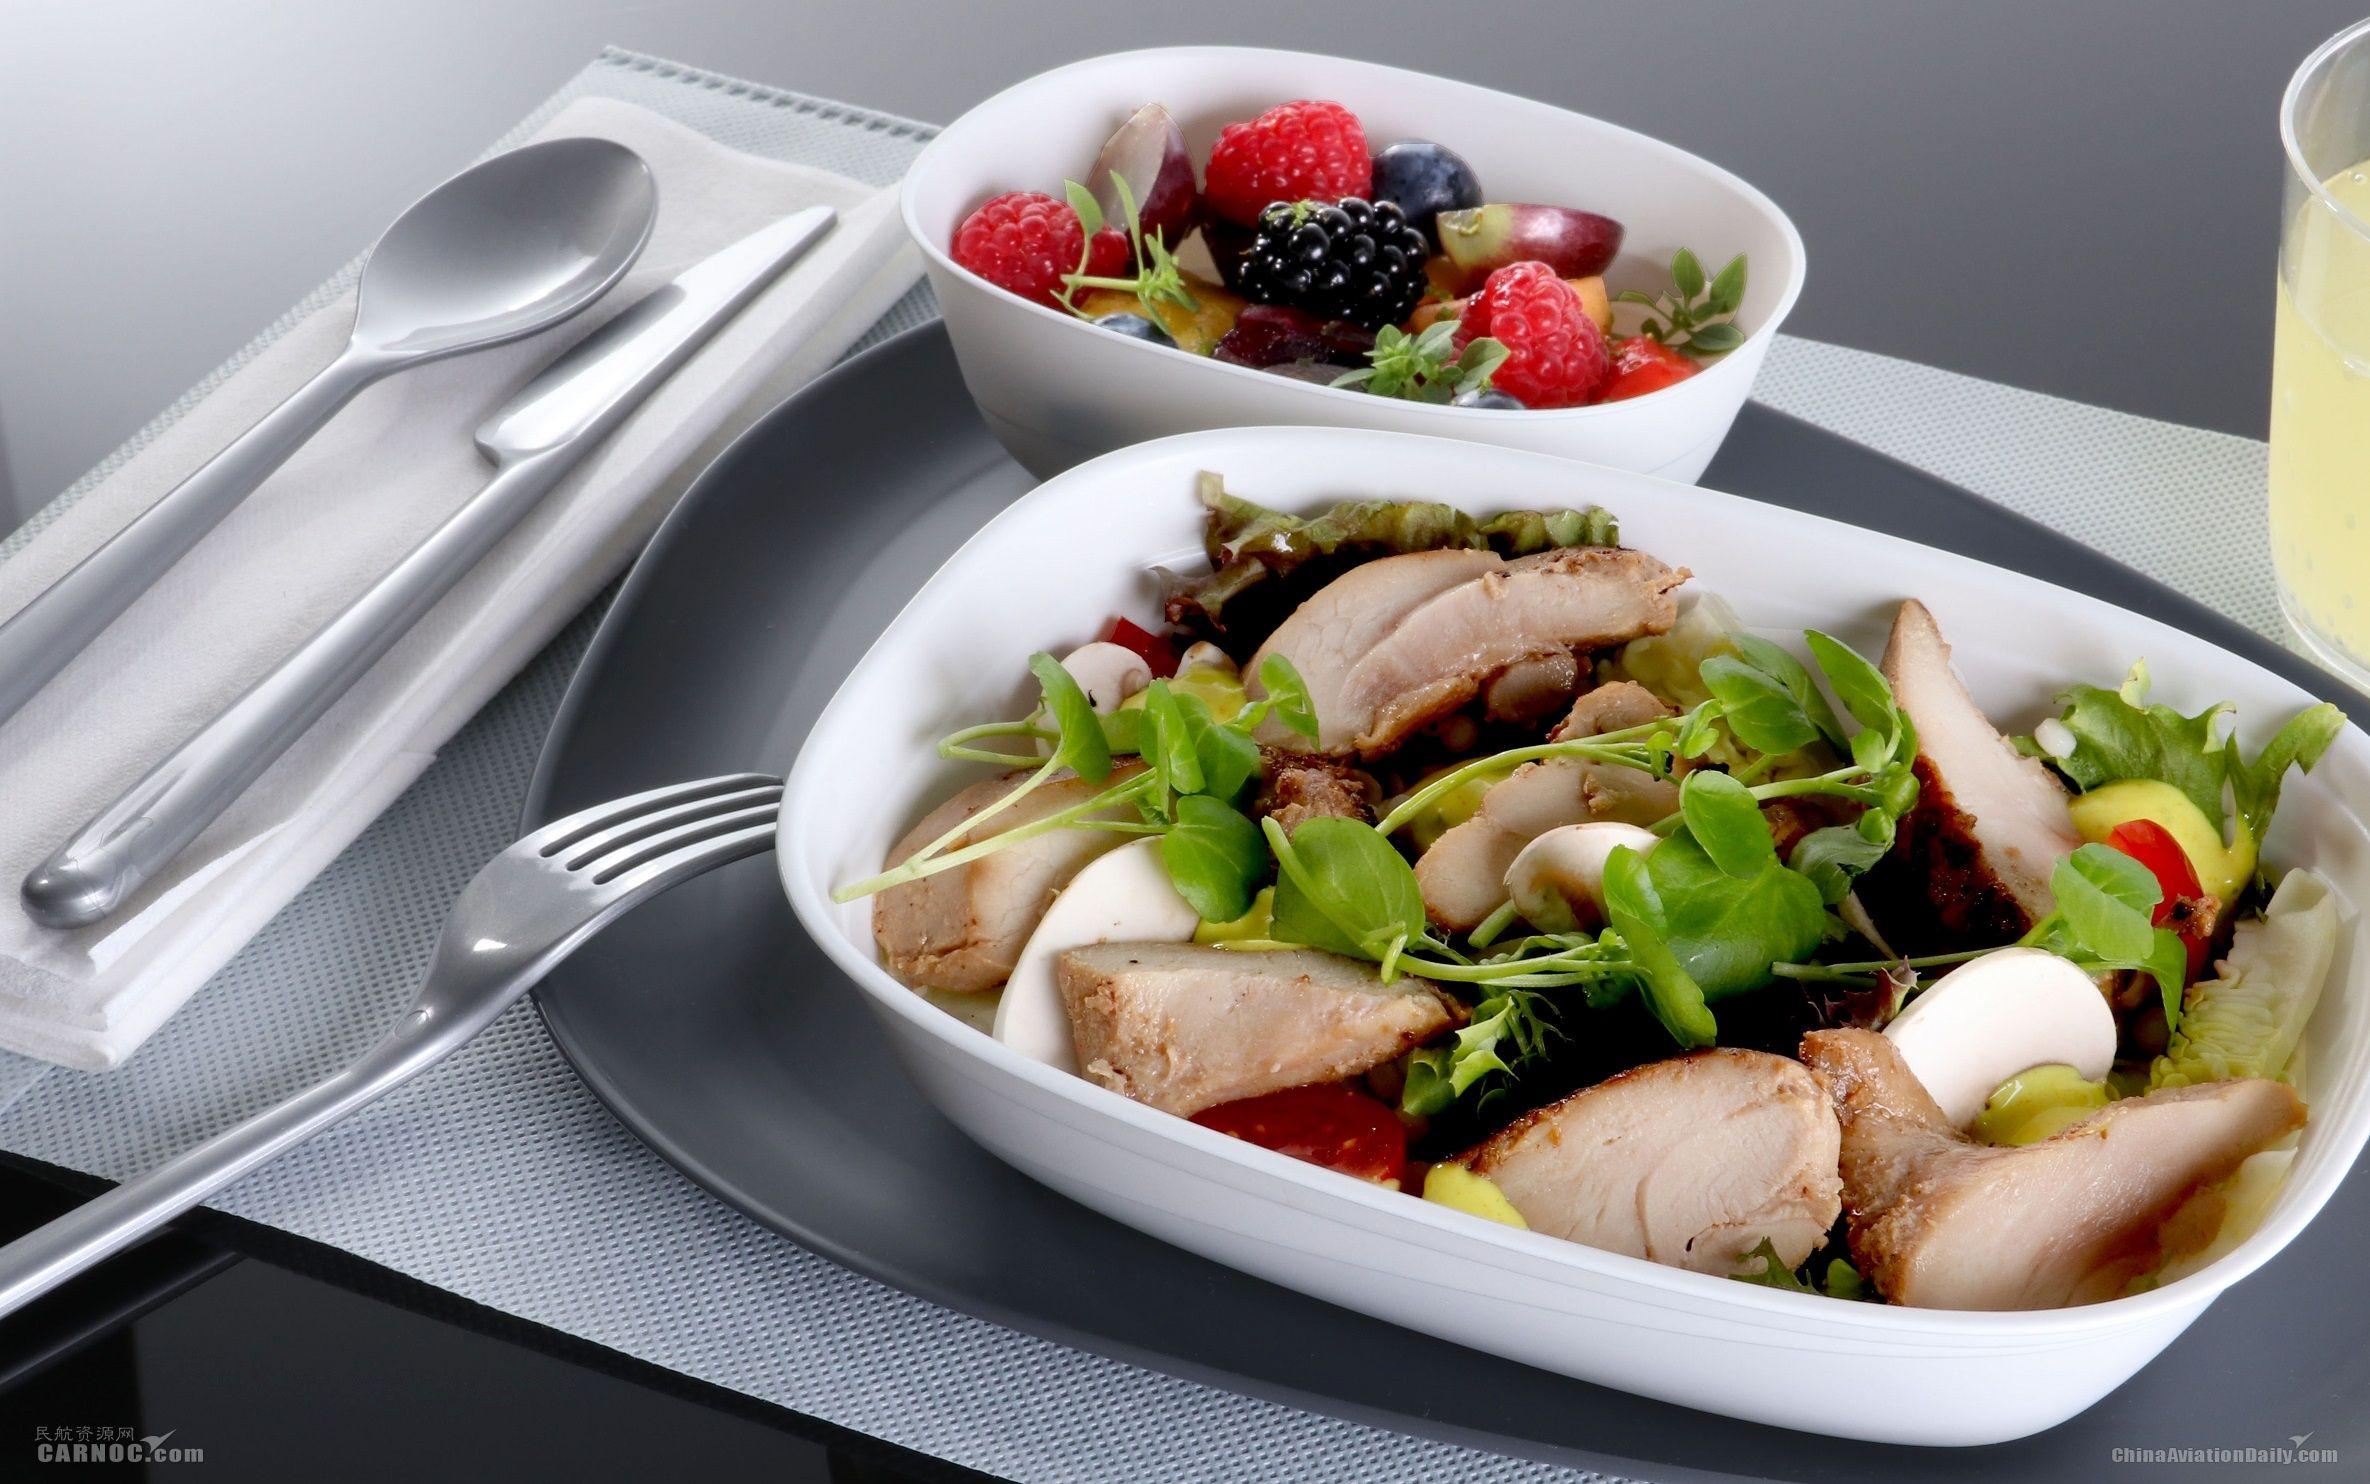 达美航空将推出国际航班经济舱全新升级服务